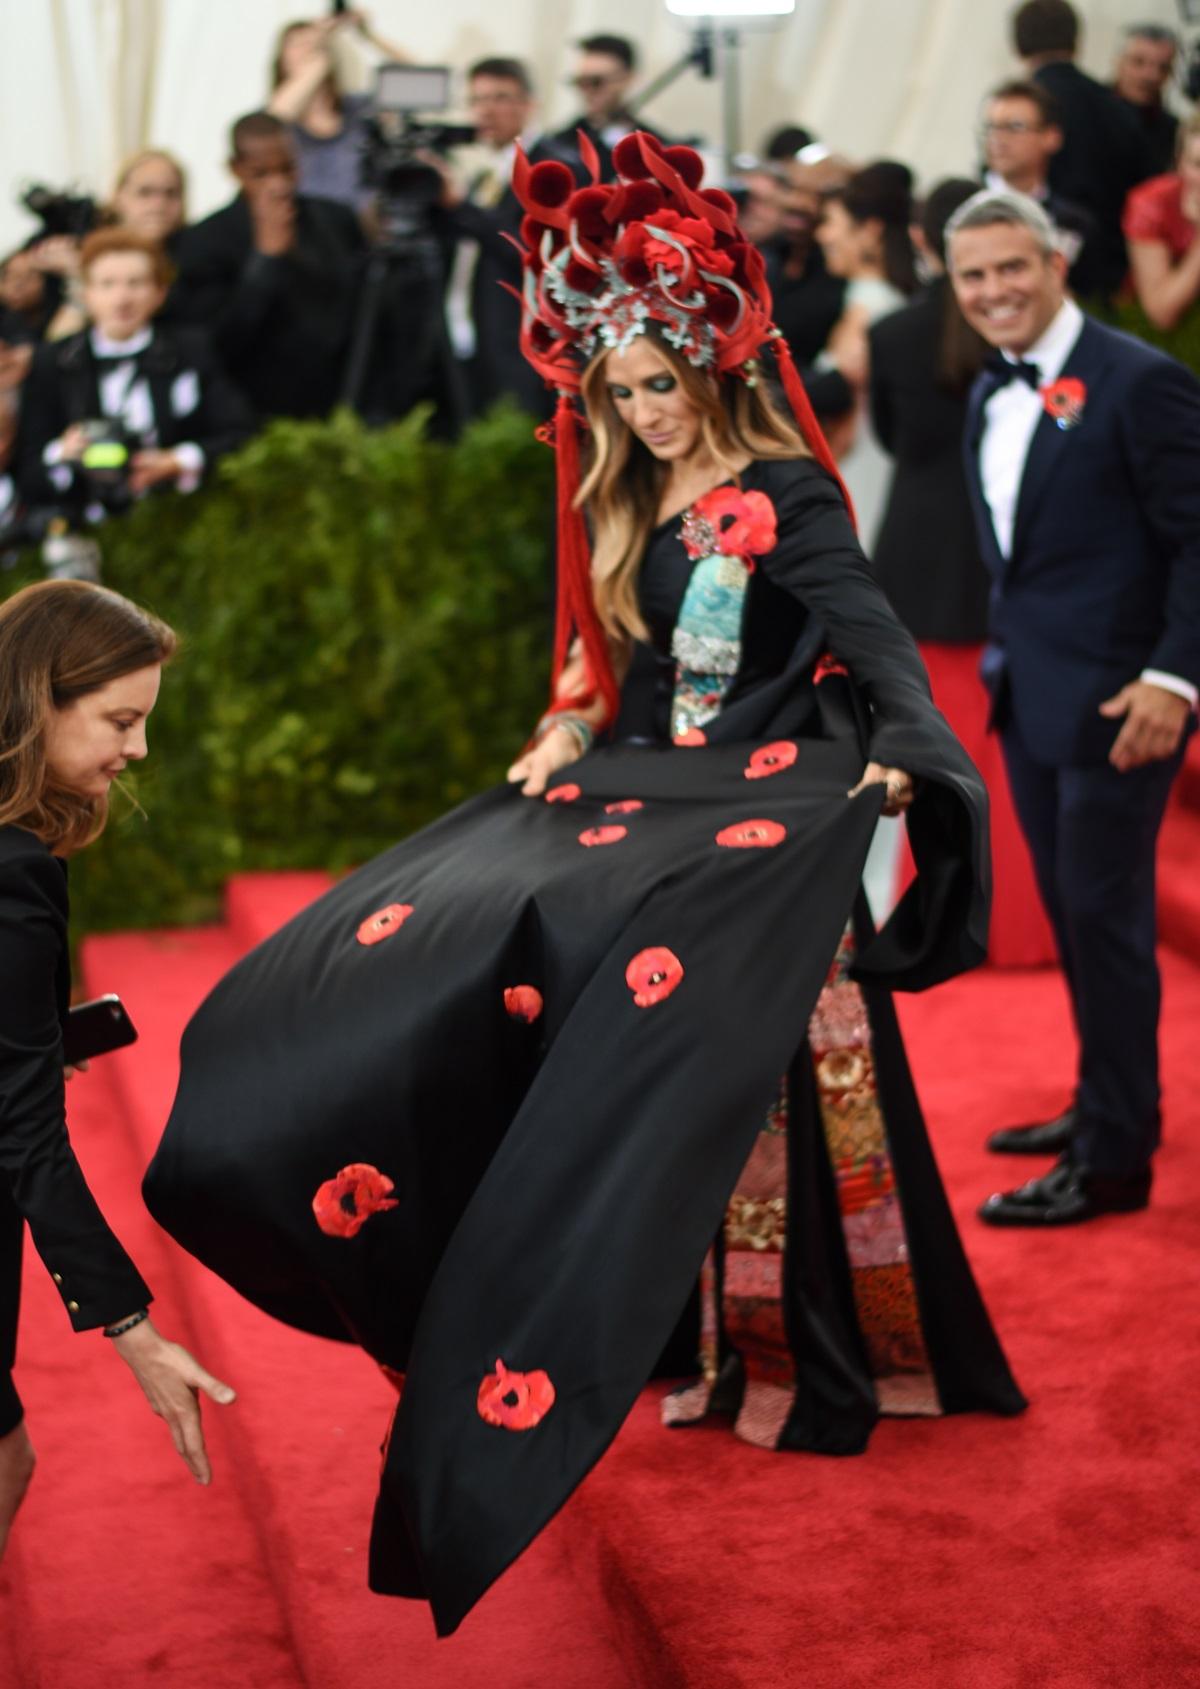 """Сара Джесика Паркър на Мет Гала 2015 г. """"огнената шапка"""" на актрисата бе много ефектна, но изглеждаше като най-неудобното нещо на света."""